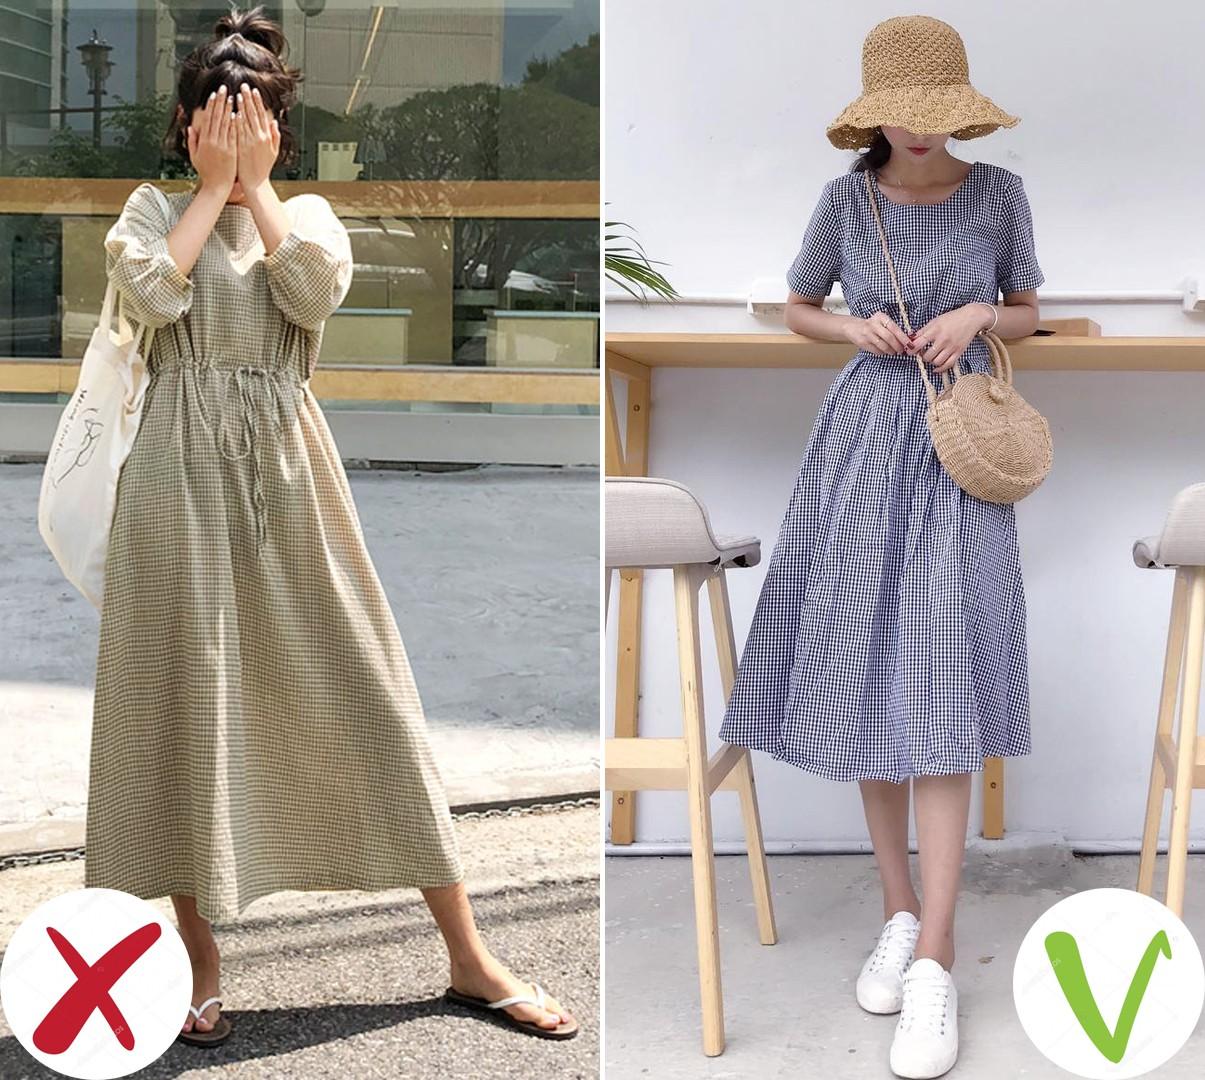 5 loại trang phục nên và không nên mặc tới công sở mà chị em nào cũng nên biết - Ảnh 9.